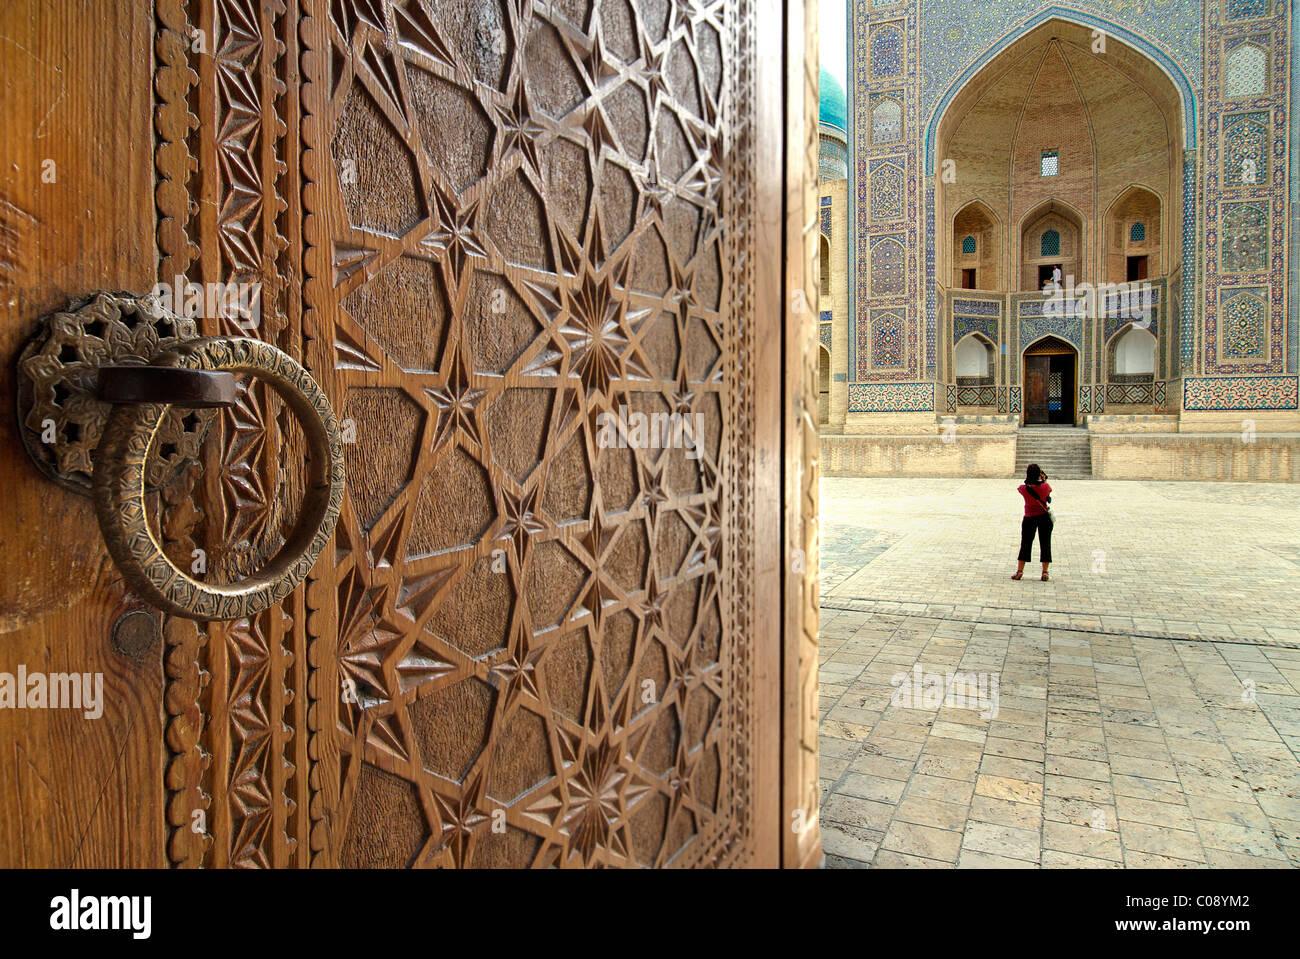 Le Mir-i-arab Madrassah vu au-delà les portes sculptées de la mosquée Kalon, Boukhara, Ouzbékistan Photo Stock